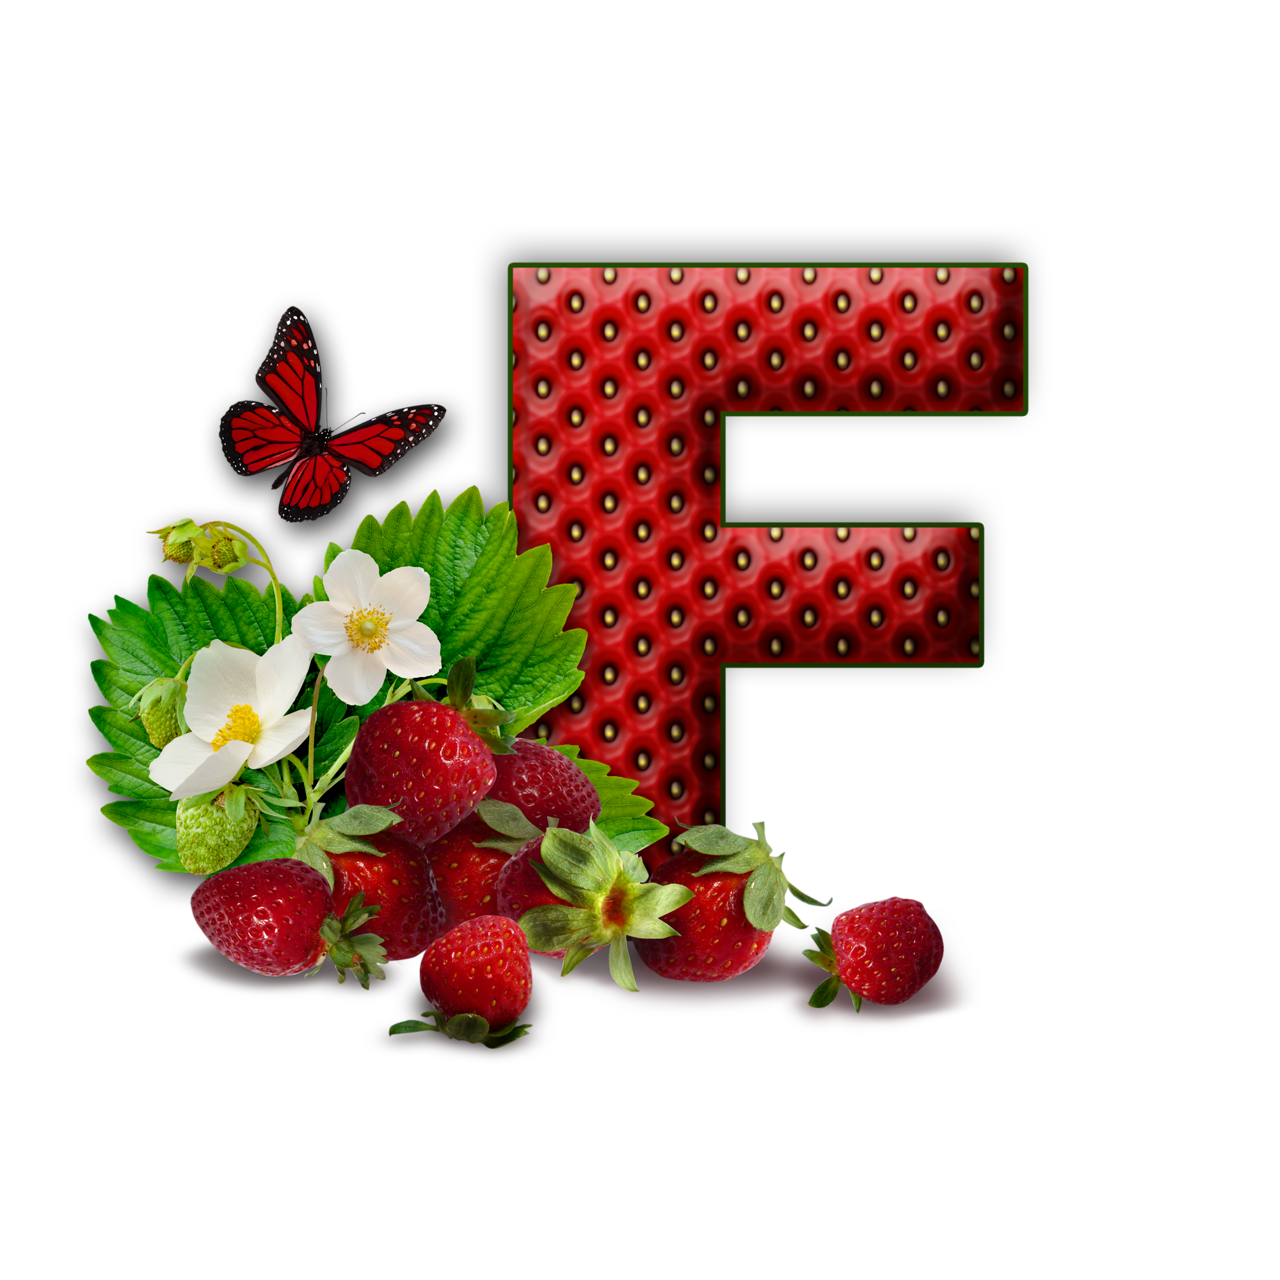 Garden clipart strawberry. Flores y letras para